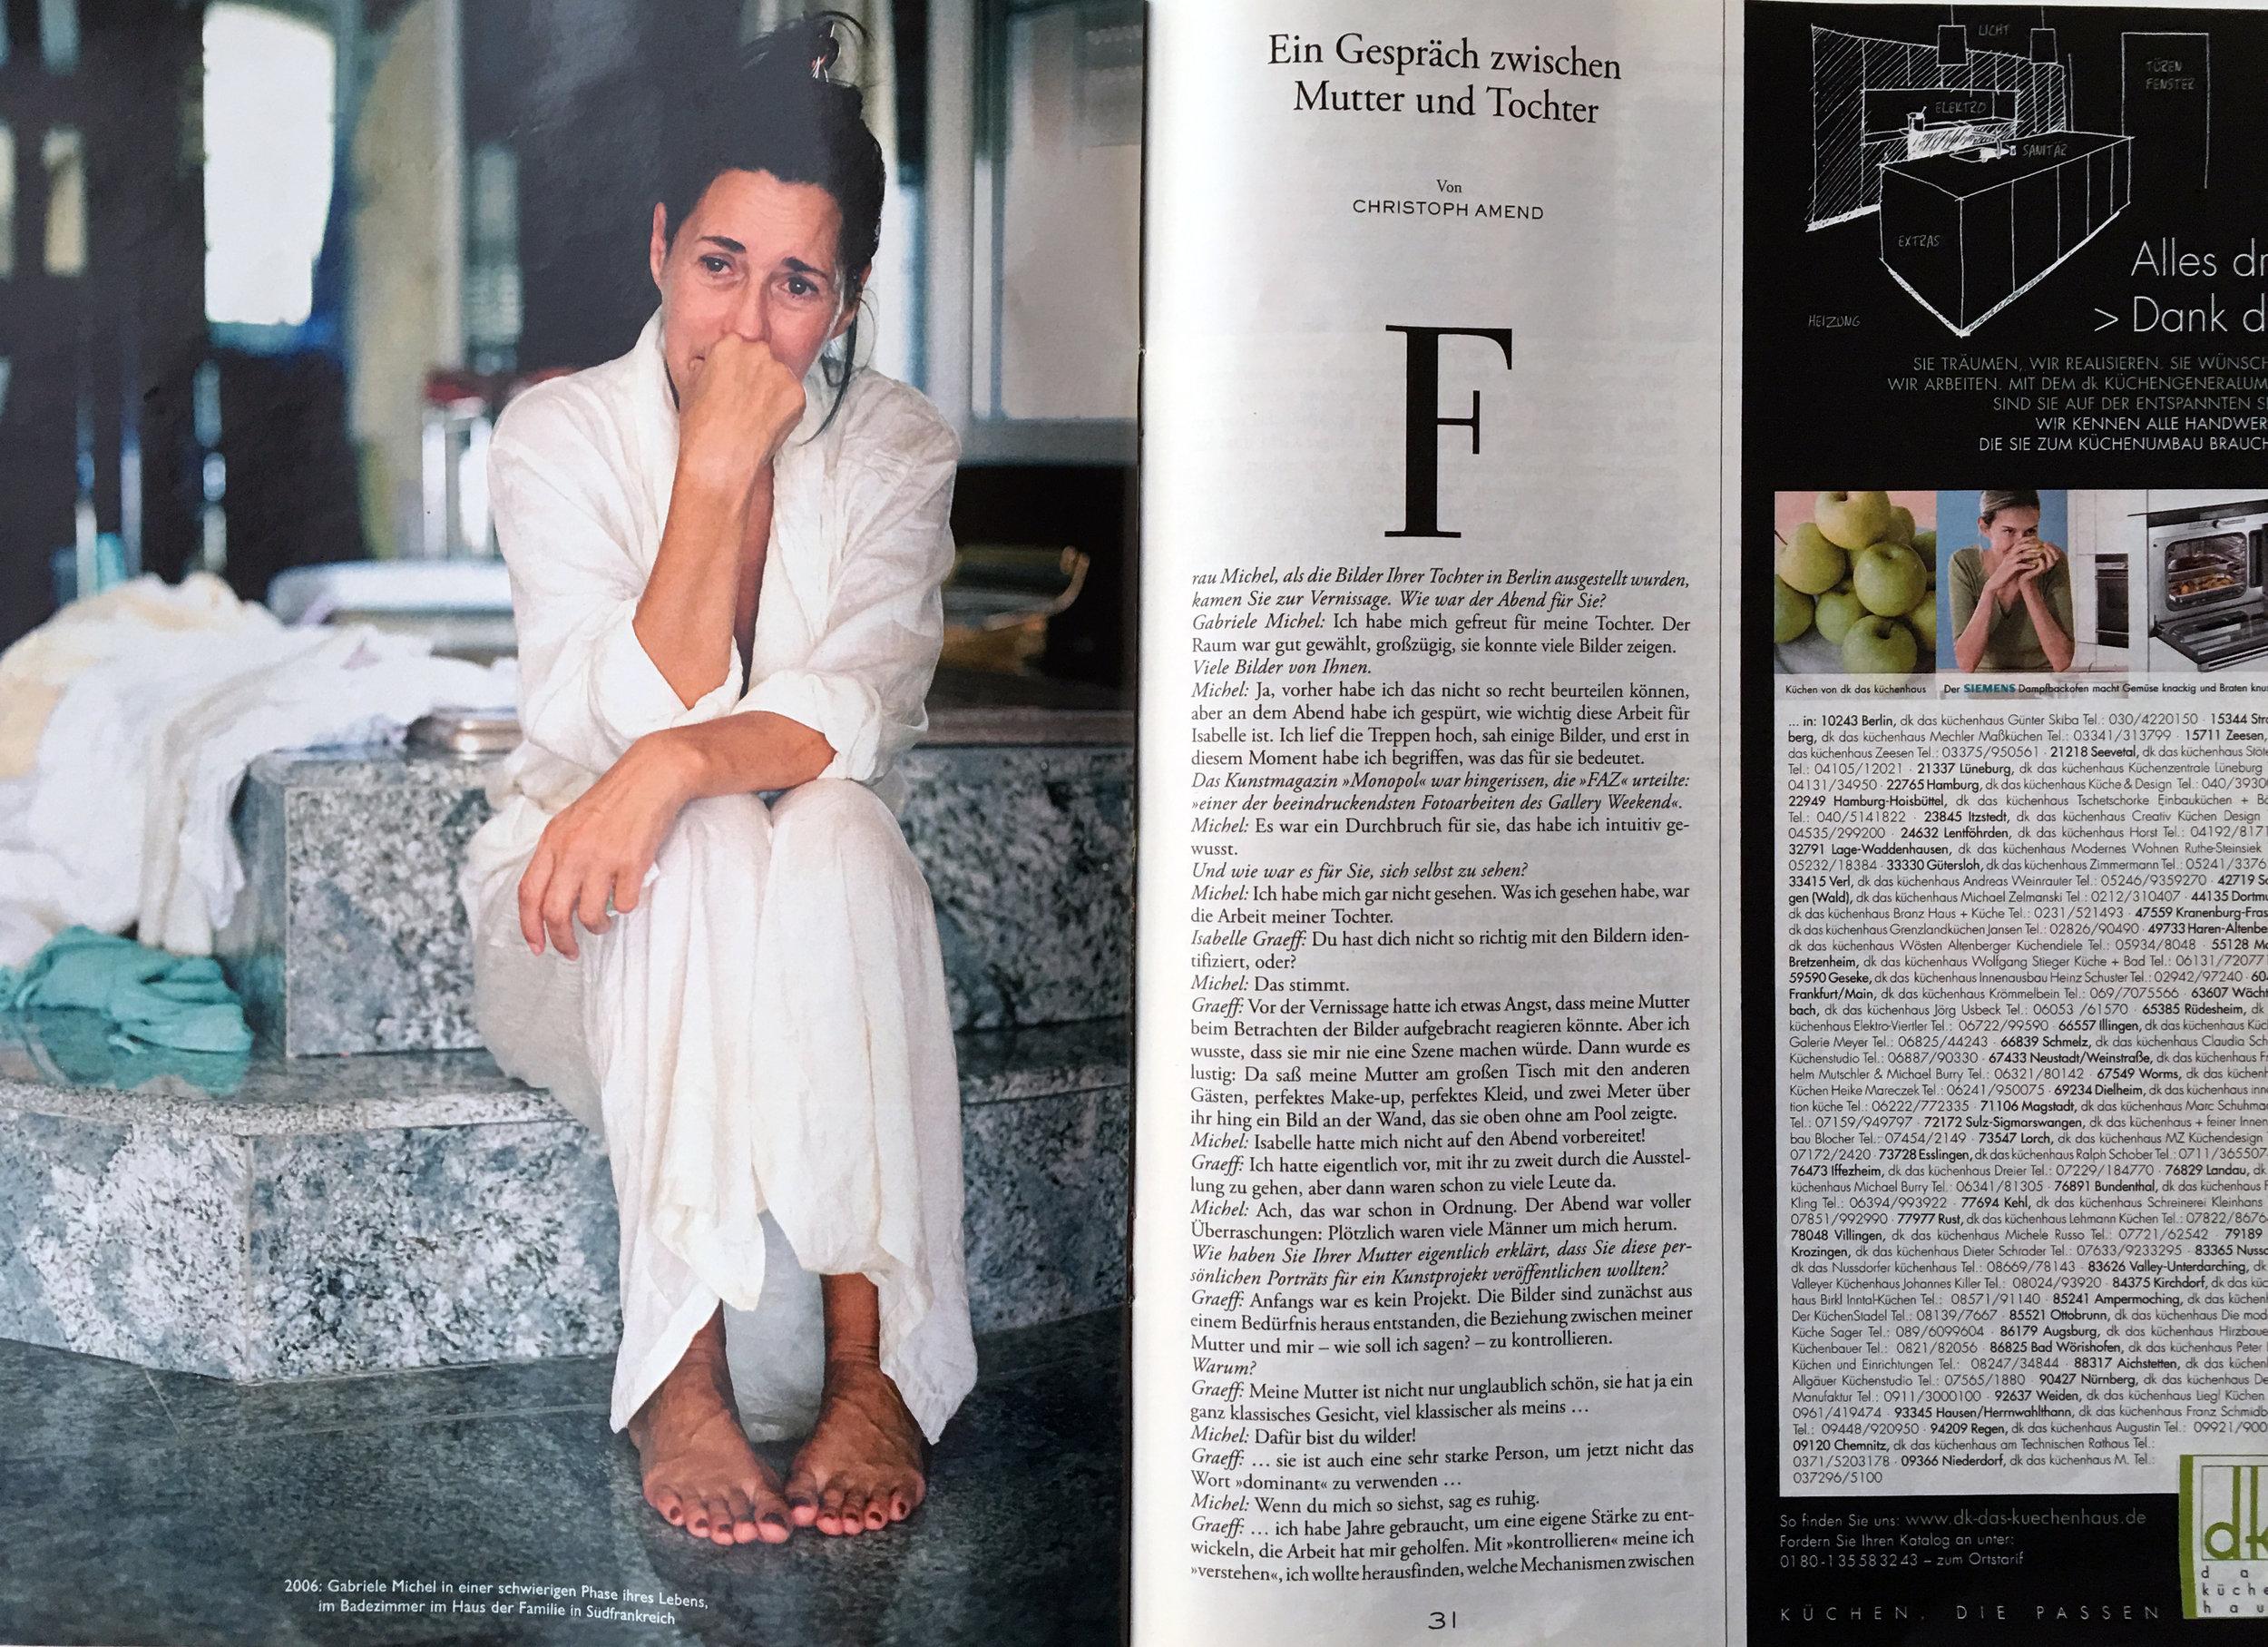 Zeit Magazine.jpg